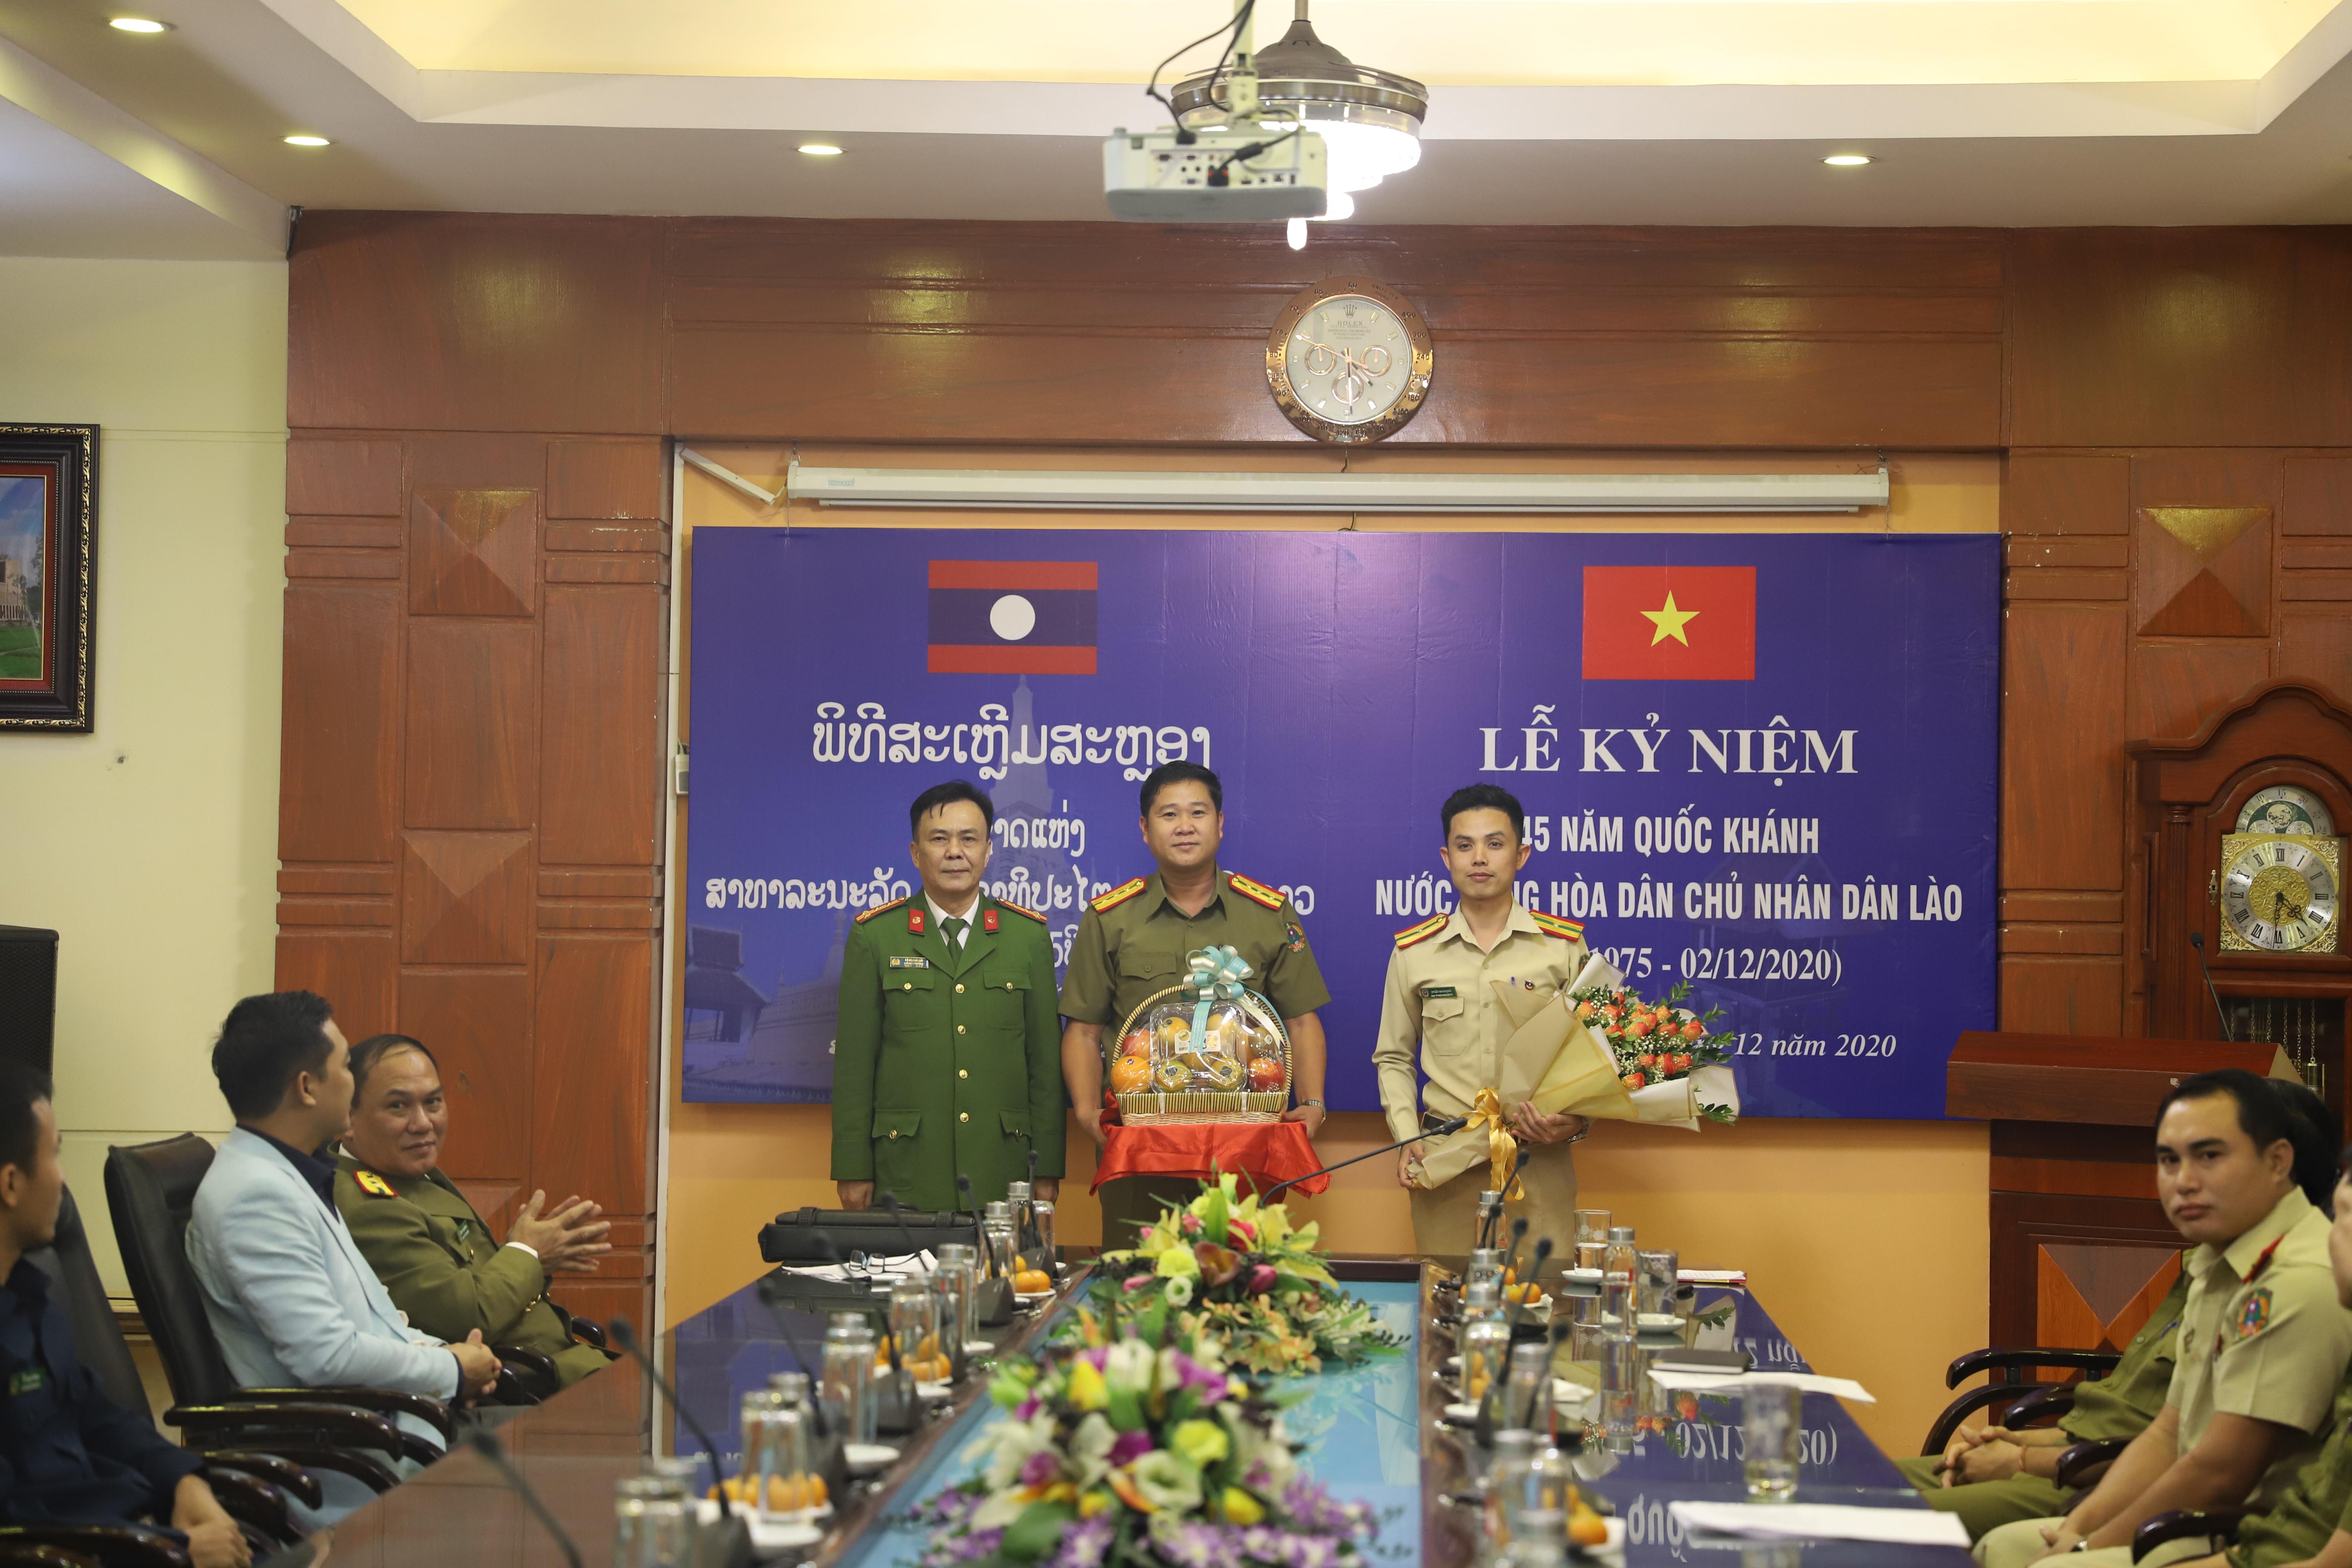 Lễ Kỷ niệm 45 năm Quốc Khánh nước Cộng hòa Dân chủ nhân dân Lào